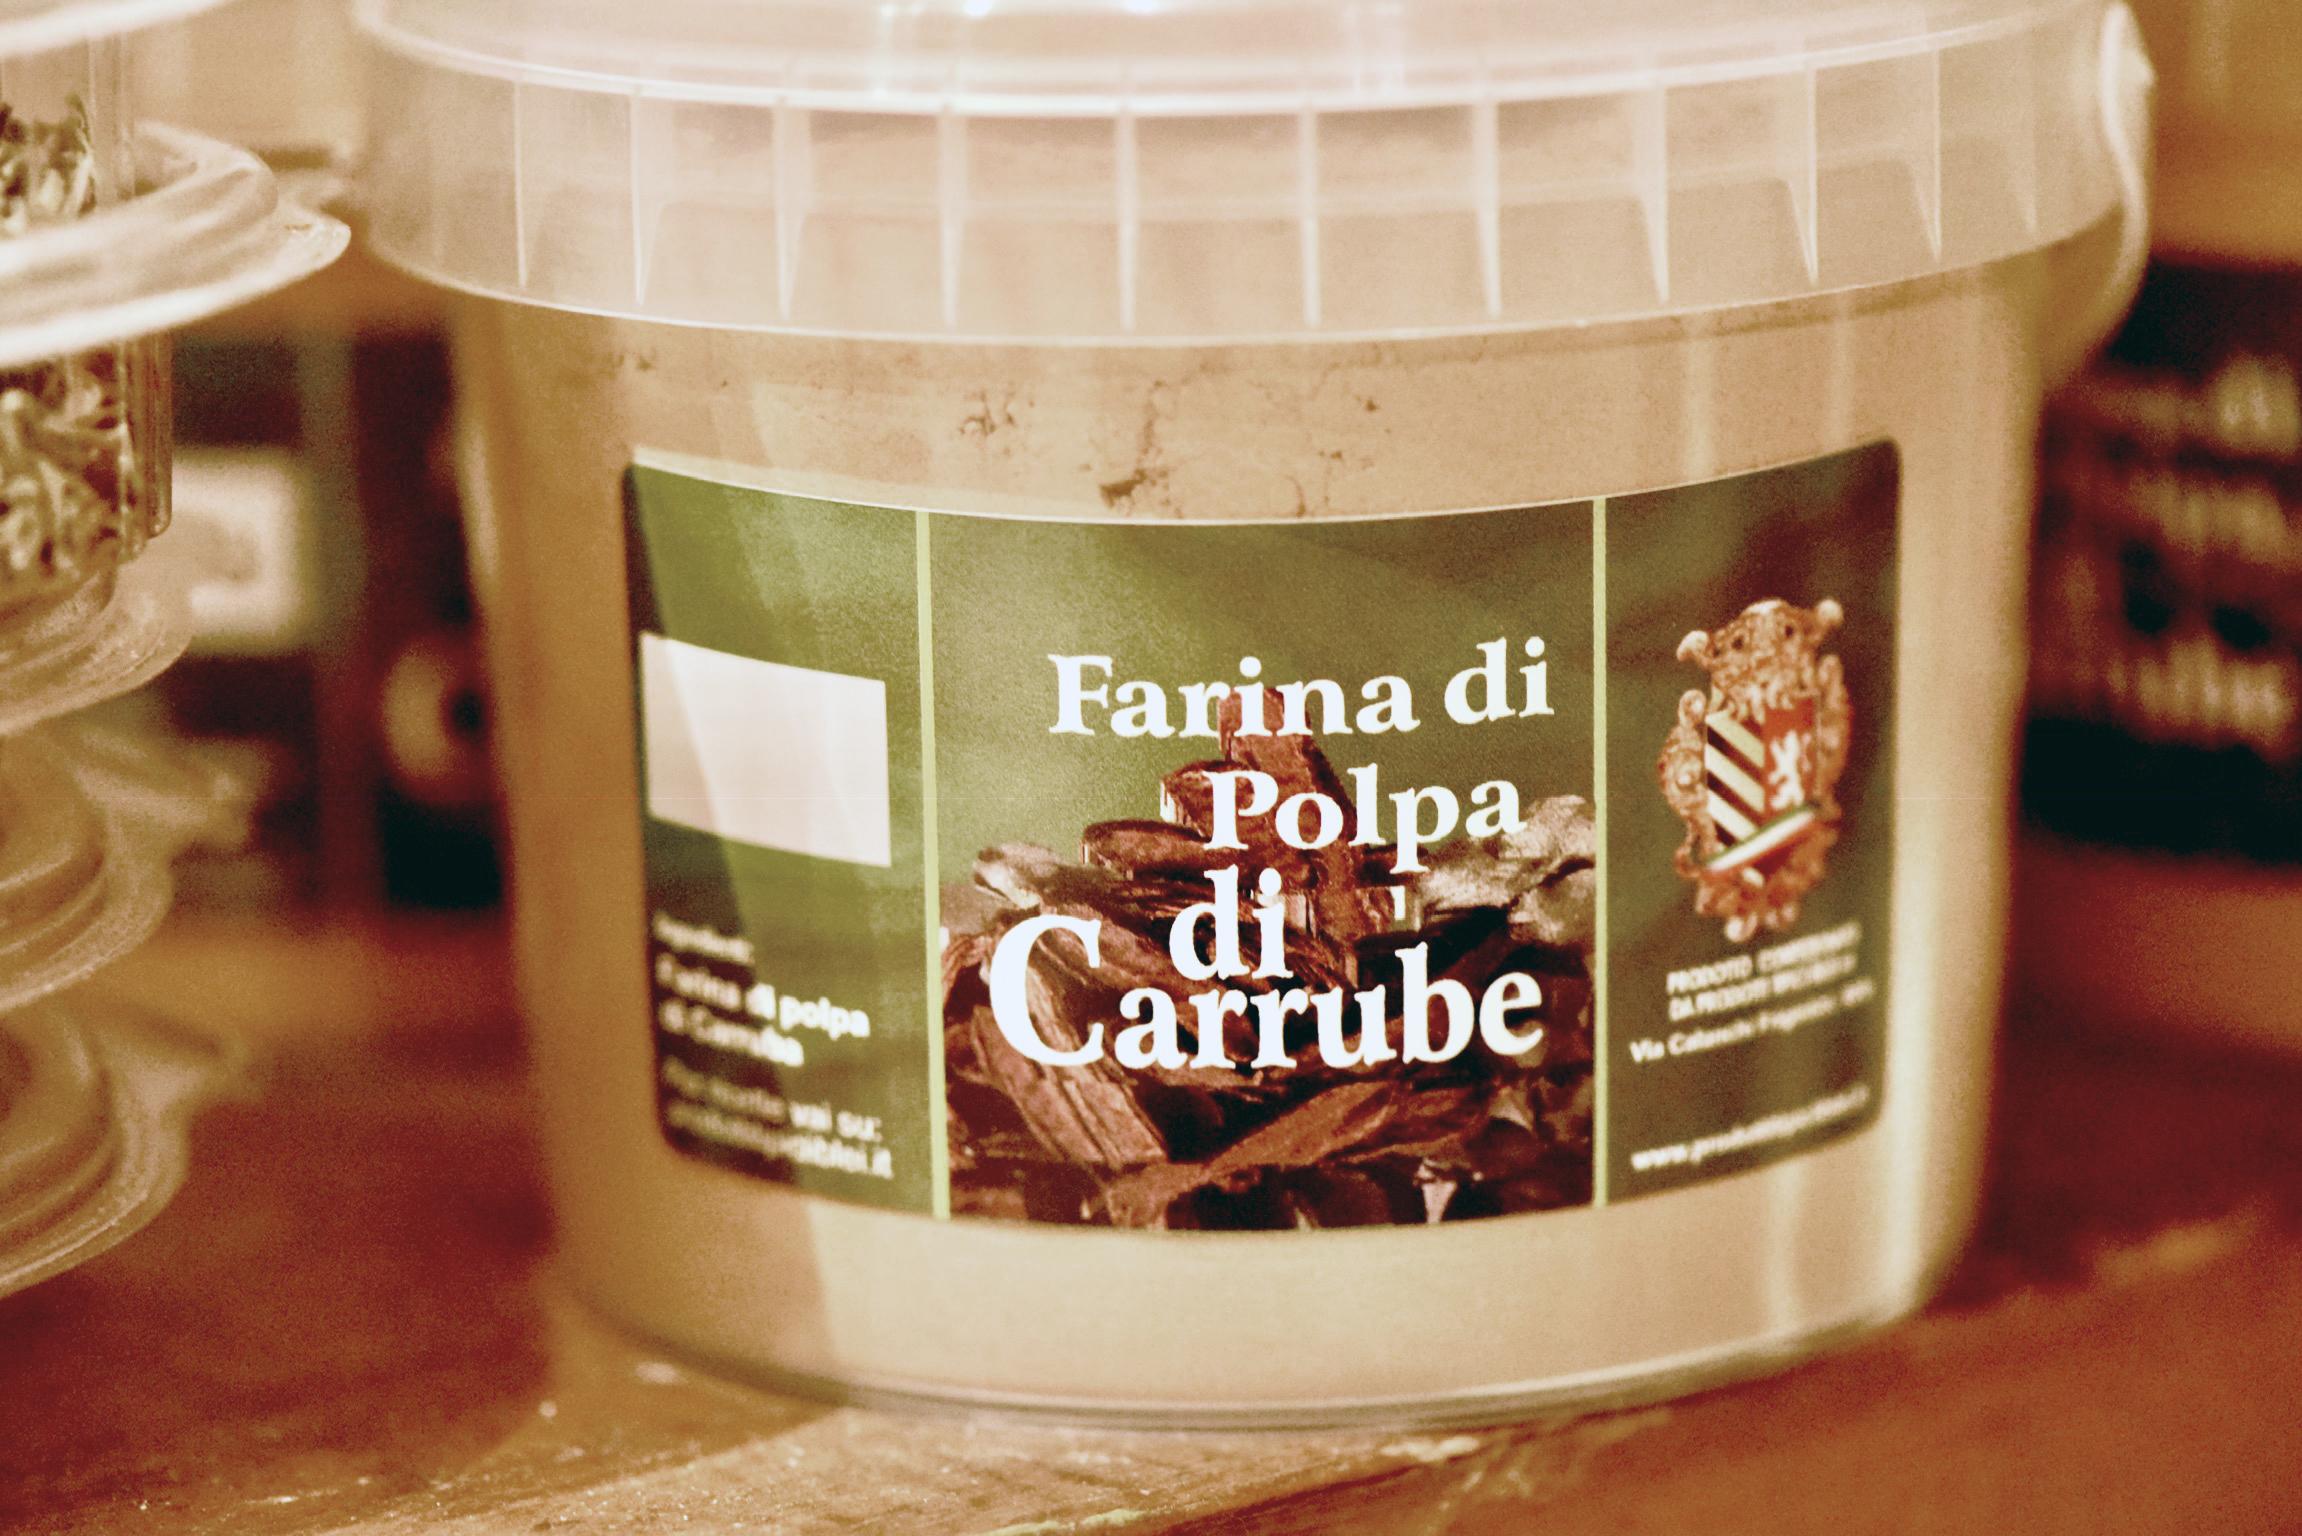 カカオのような甘くスパイシーな香りが特徴的なカッルーバ